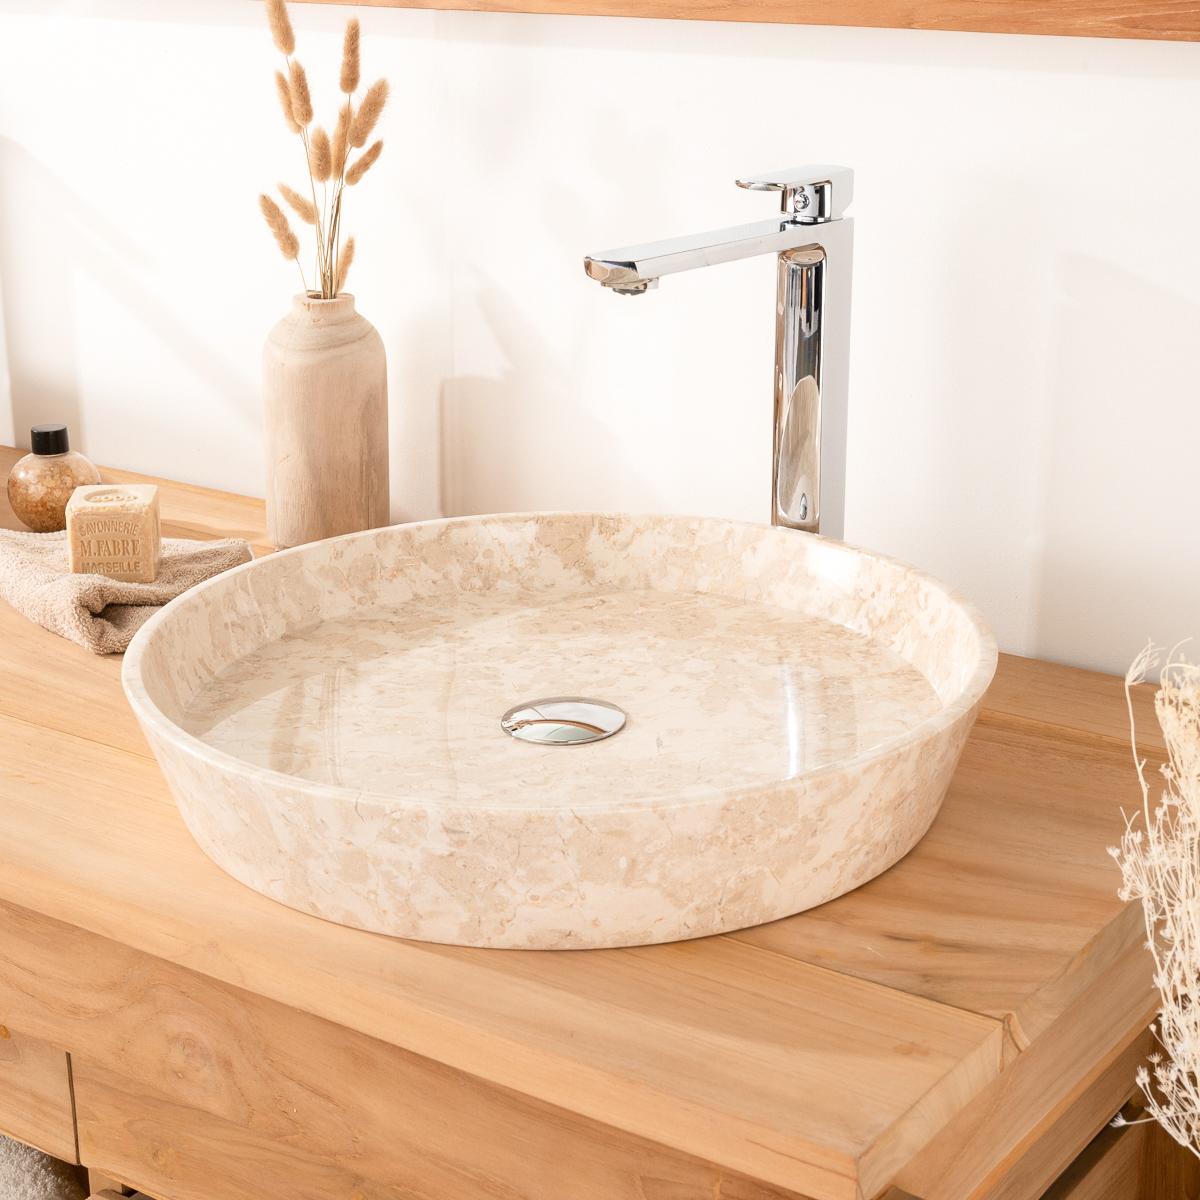 vasque en marbre poser salle de bain malo cr me meubles wanda collection. Black Bedroom Furniture Sets. Home Design Ideas